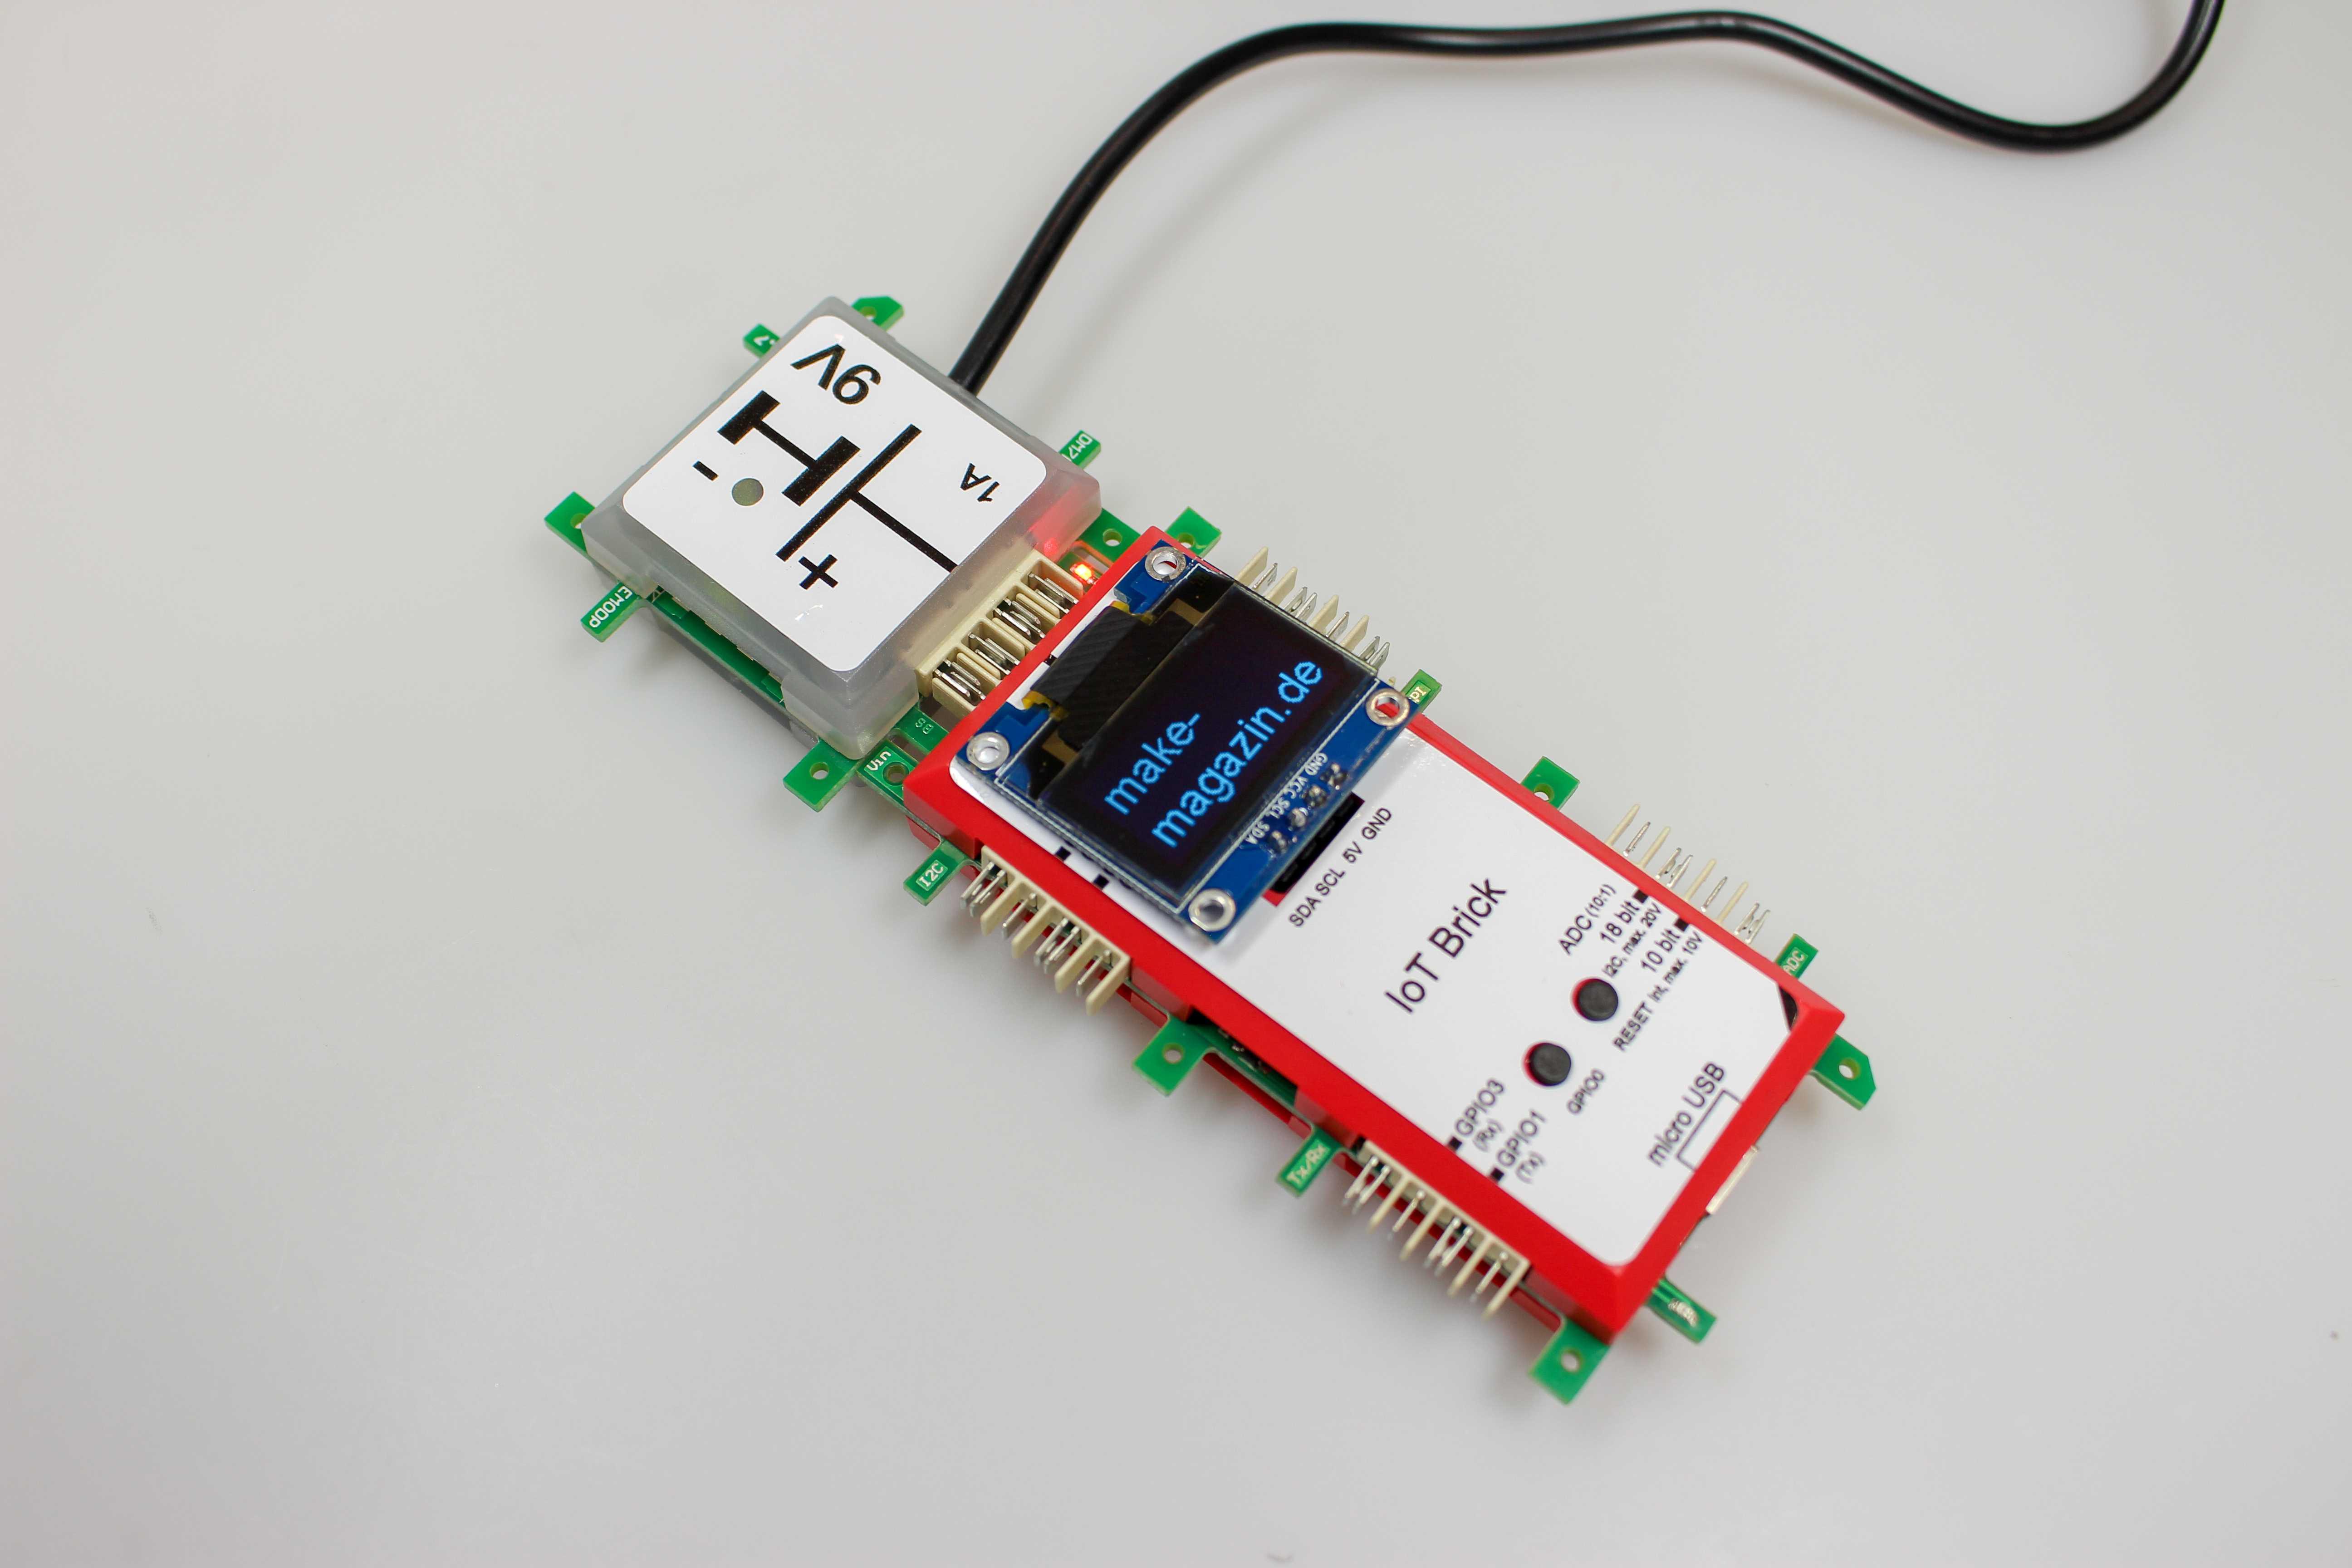 Ein roter Plastikquader mit dunklem Display, angesteckt ein grünes Quadrat mit Kabel